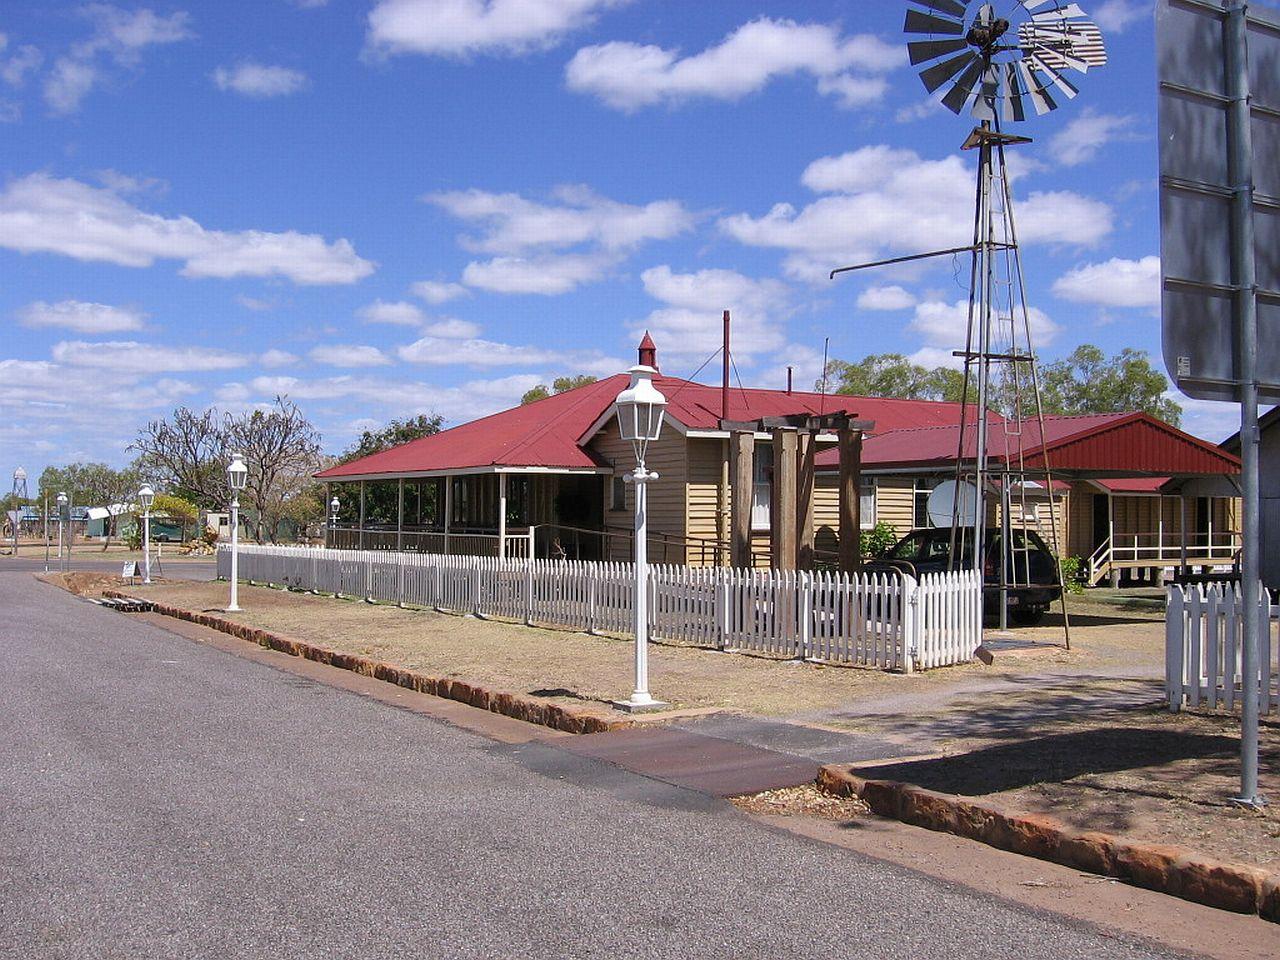 Una casa del soleado pueblo de Georgetown, Queensland. Foto: Gary Colquhoun